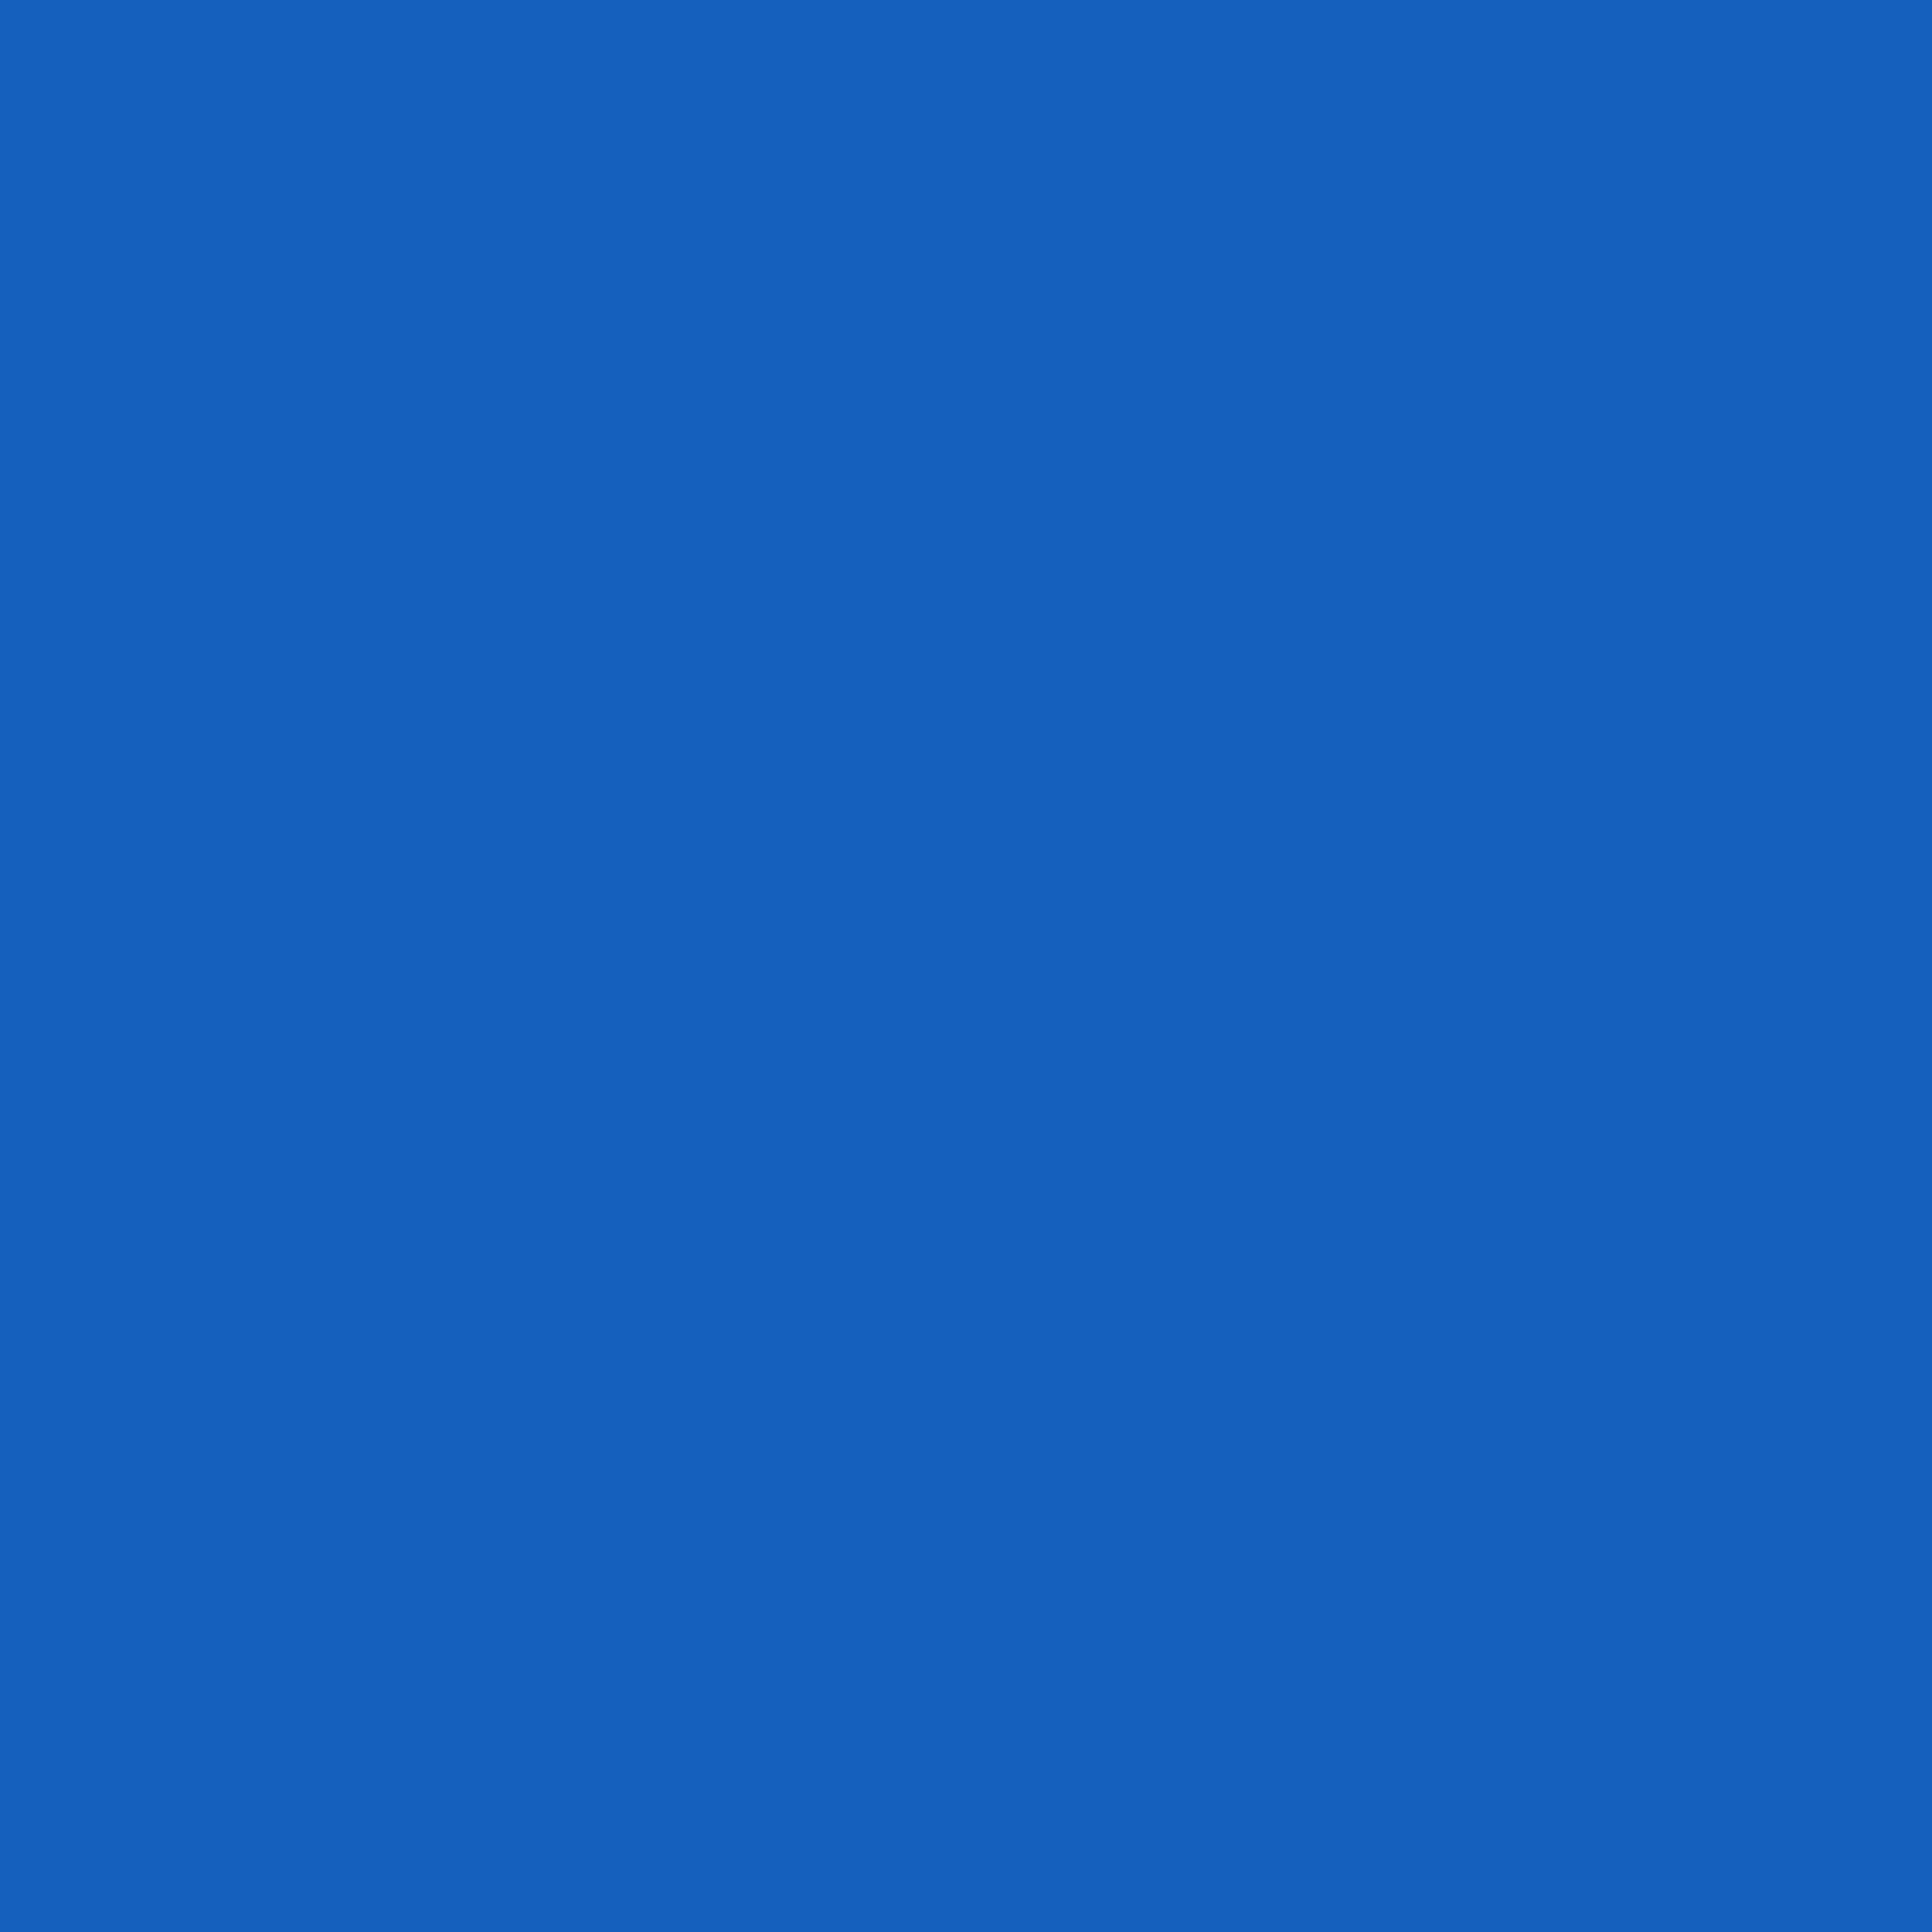 2732x2732 Denim Solid Color Background